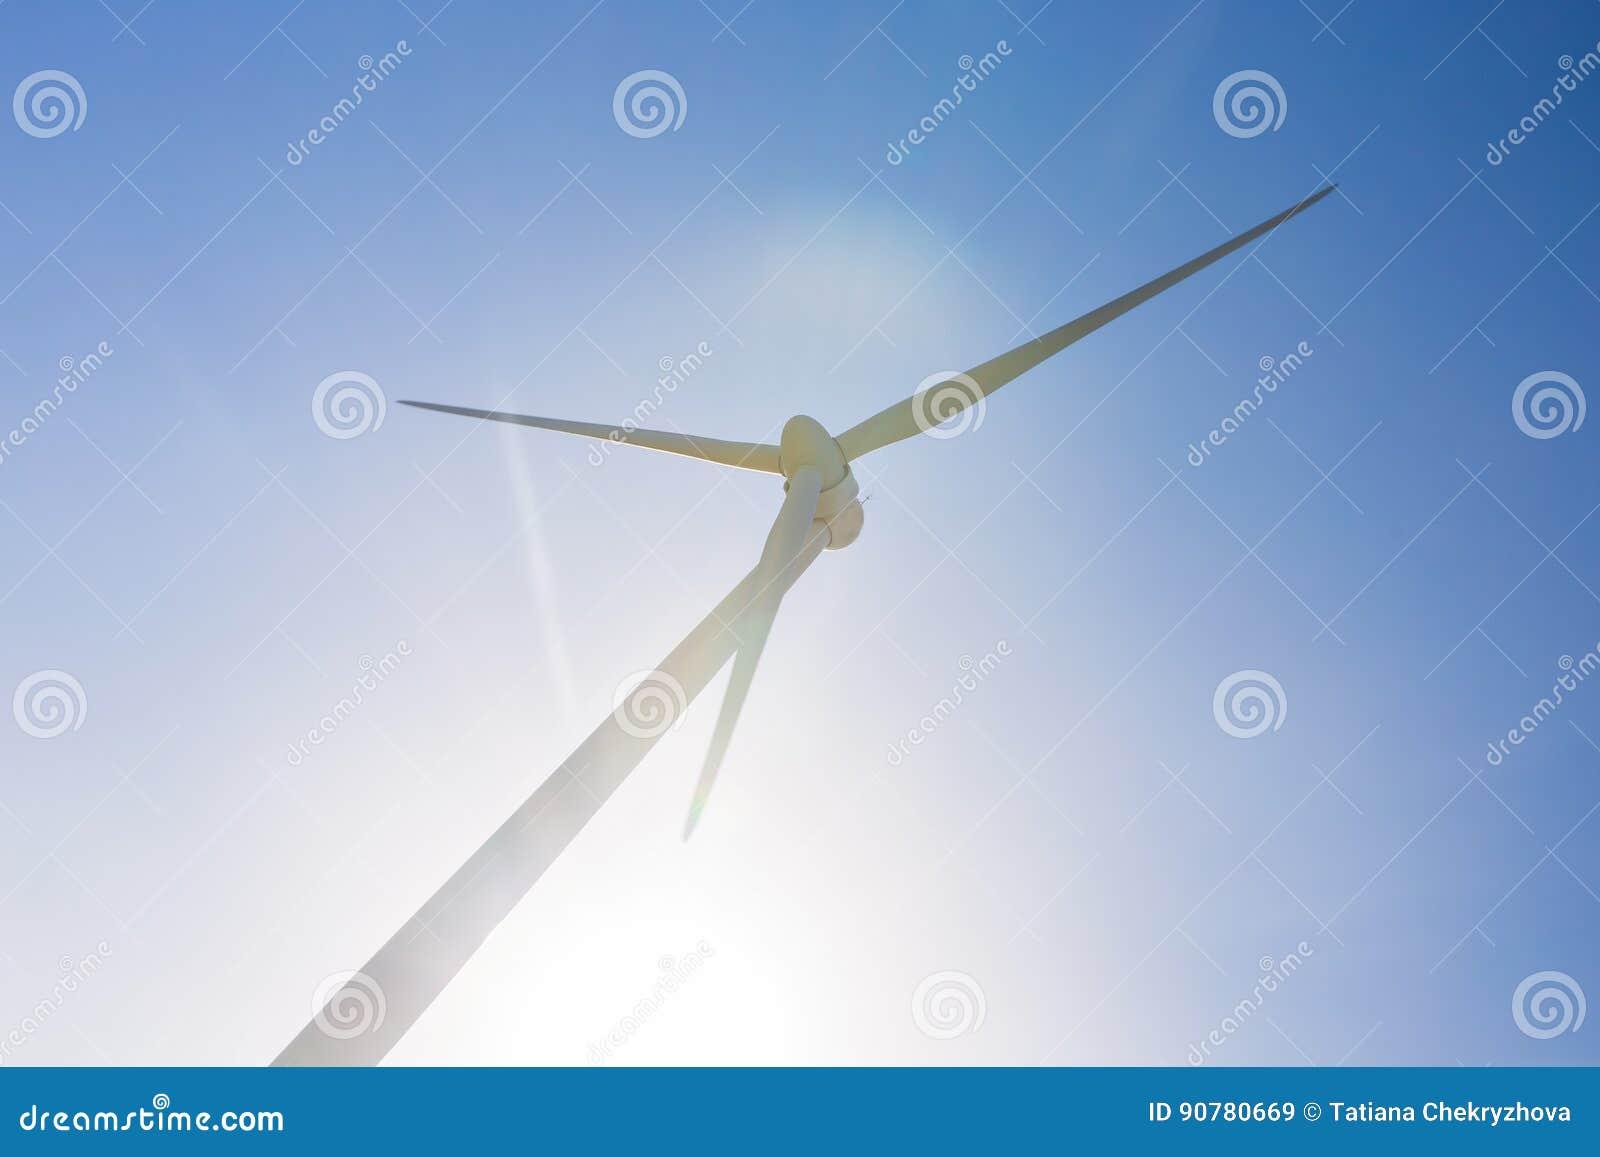 发与蓝天的风轮机电-能源节约概念